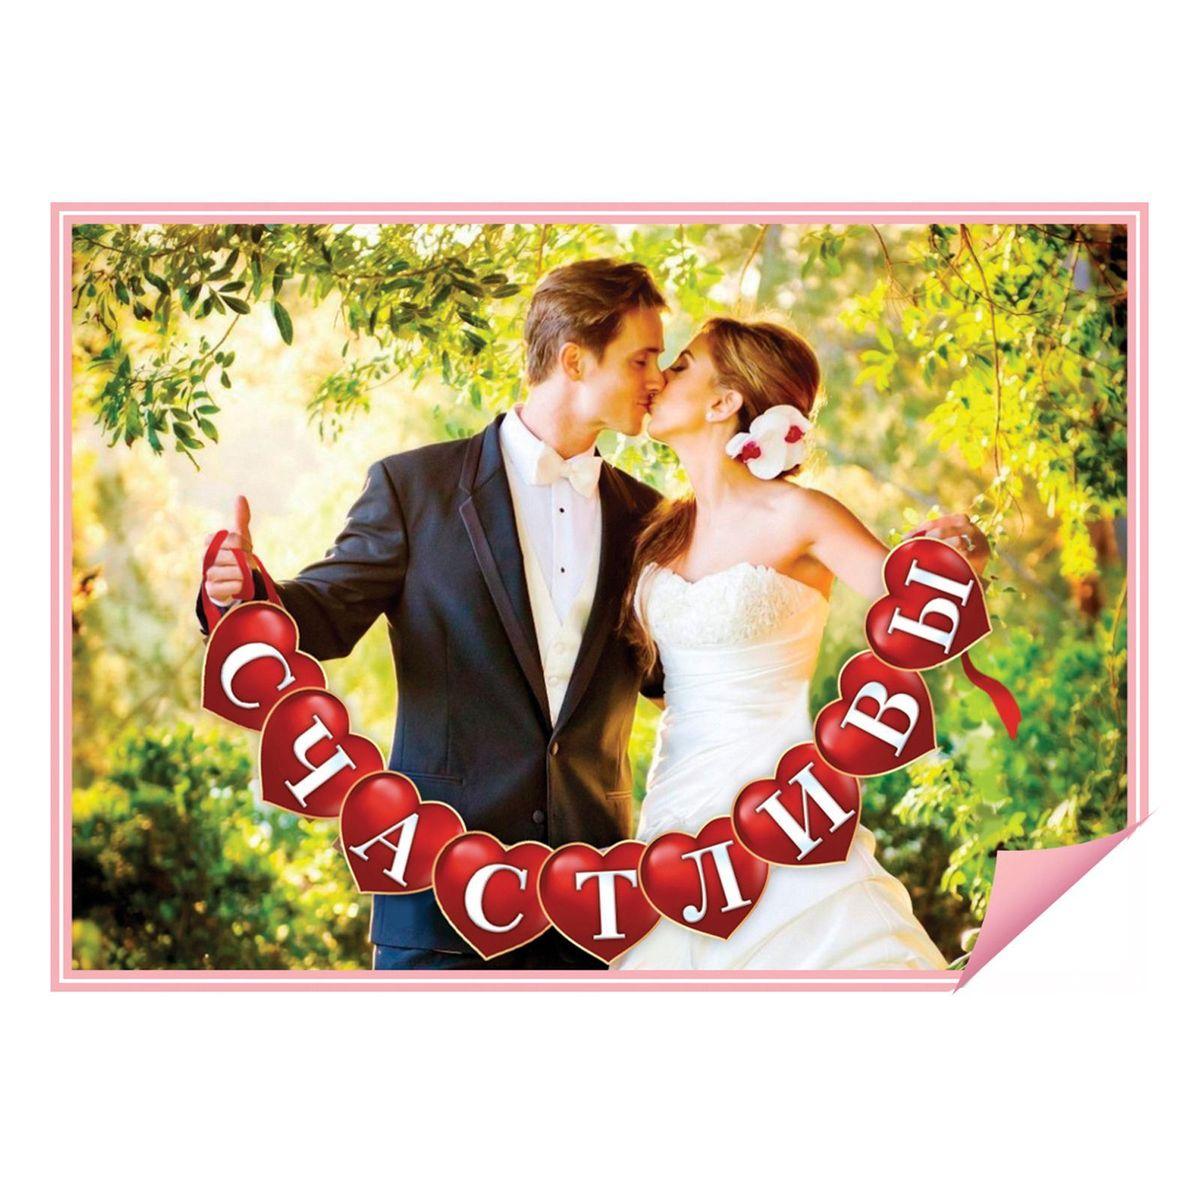 Фотобутафория на ленте Sima-land Счастливы, 11,3 x 150 x 0,1 см1031347Фотобутафория на ленте Счастливы — прекрасный выбор для тех, кто хочет создать атмосферу праздника и сделать запоминающиеся свадебные снимки. На лицевой стороне напечатана красочная надпись. Украшение легко крепится на стену или дверной проём с помощью клейкой ленты или кнопок. Его также можно держать в руках.Уникальный дизайн создаст незабываемую атмосферу праздника и подарит море позитивных эмоций!